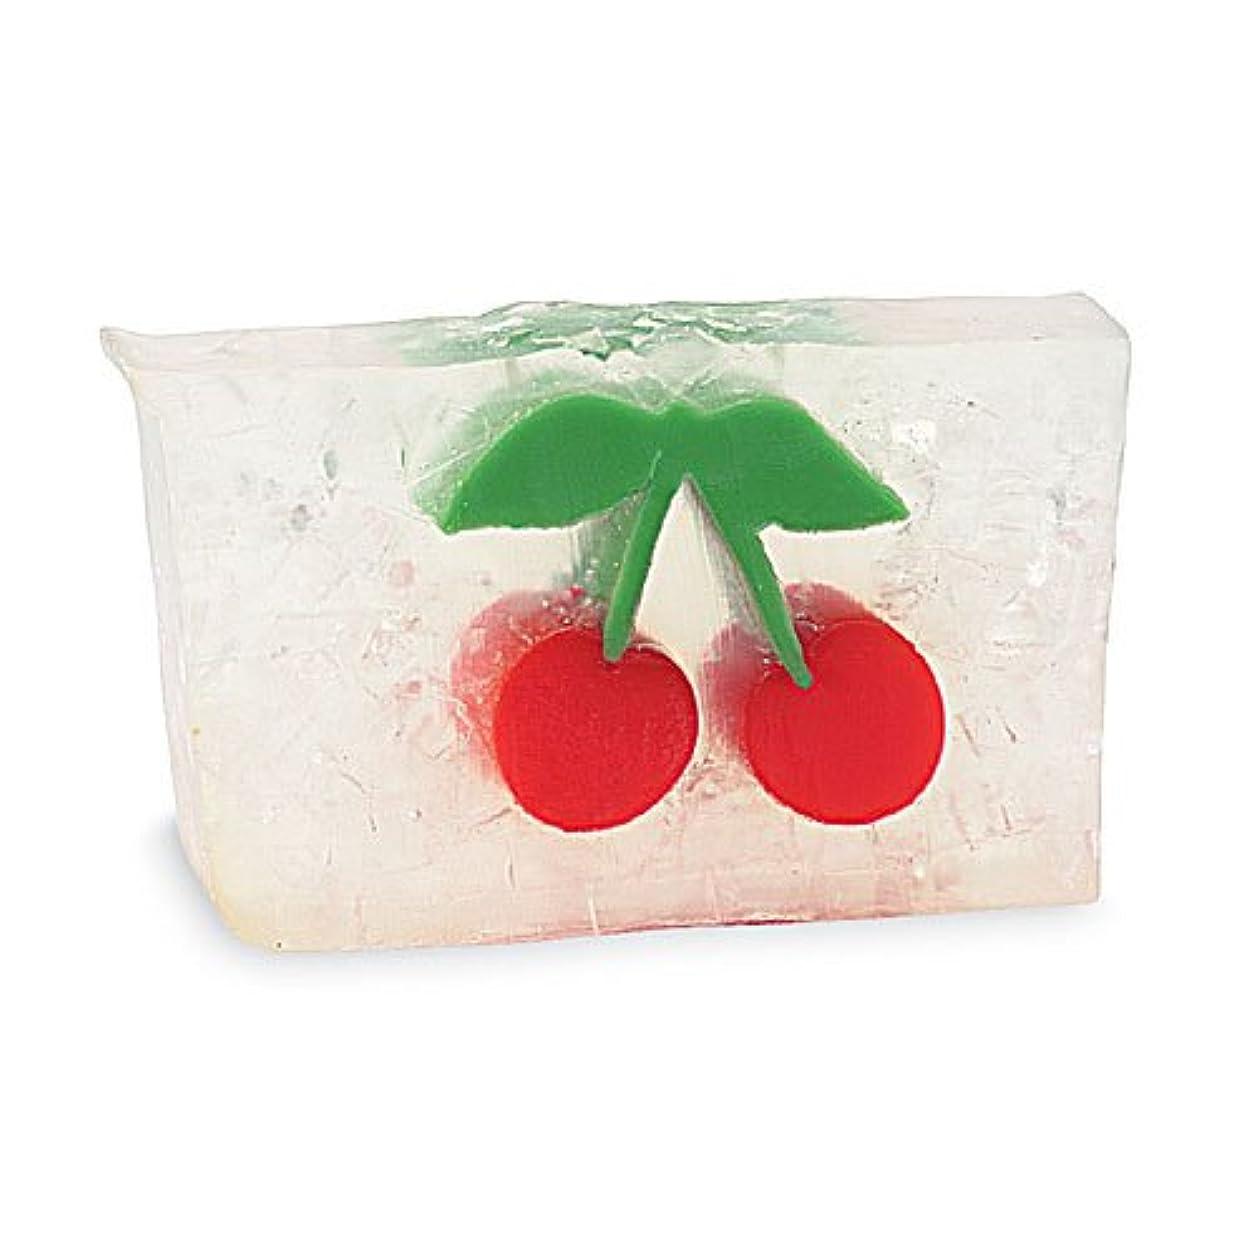 困惑するスクラッチ熱心プライモールエレメンツ アロマティック ソープ チェリー 180g 植物性 ナチュラル 石鹸 無添加